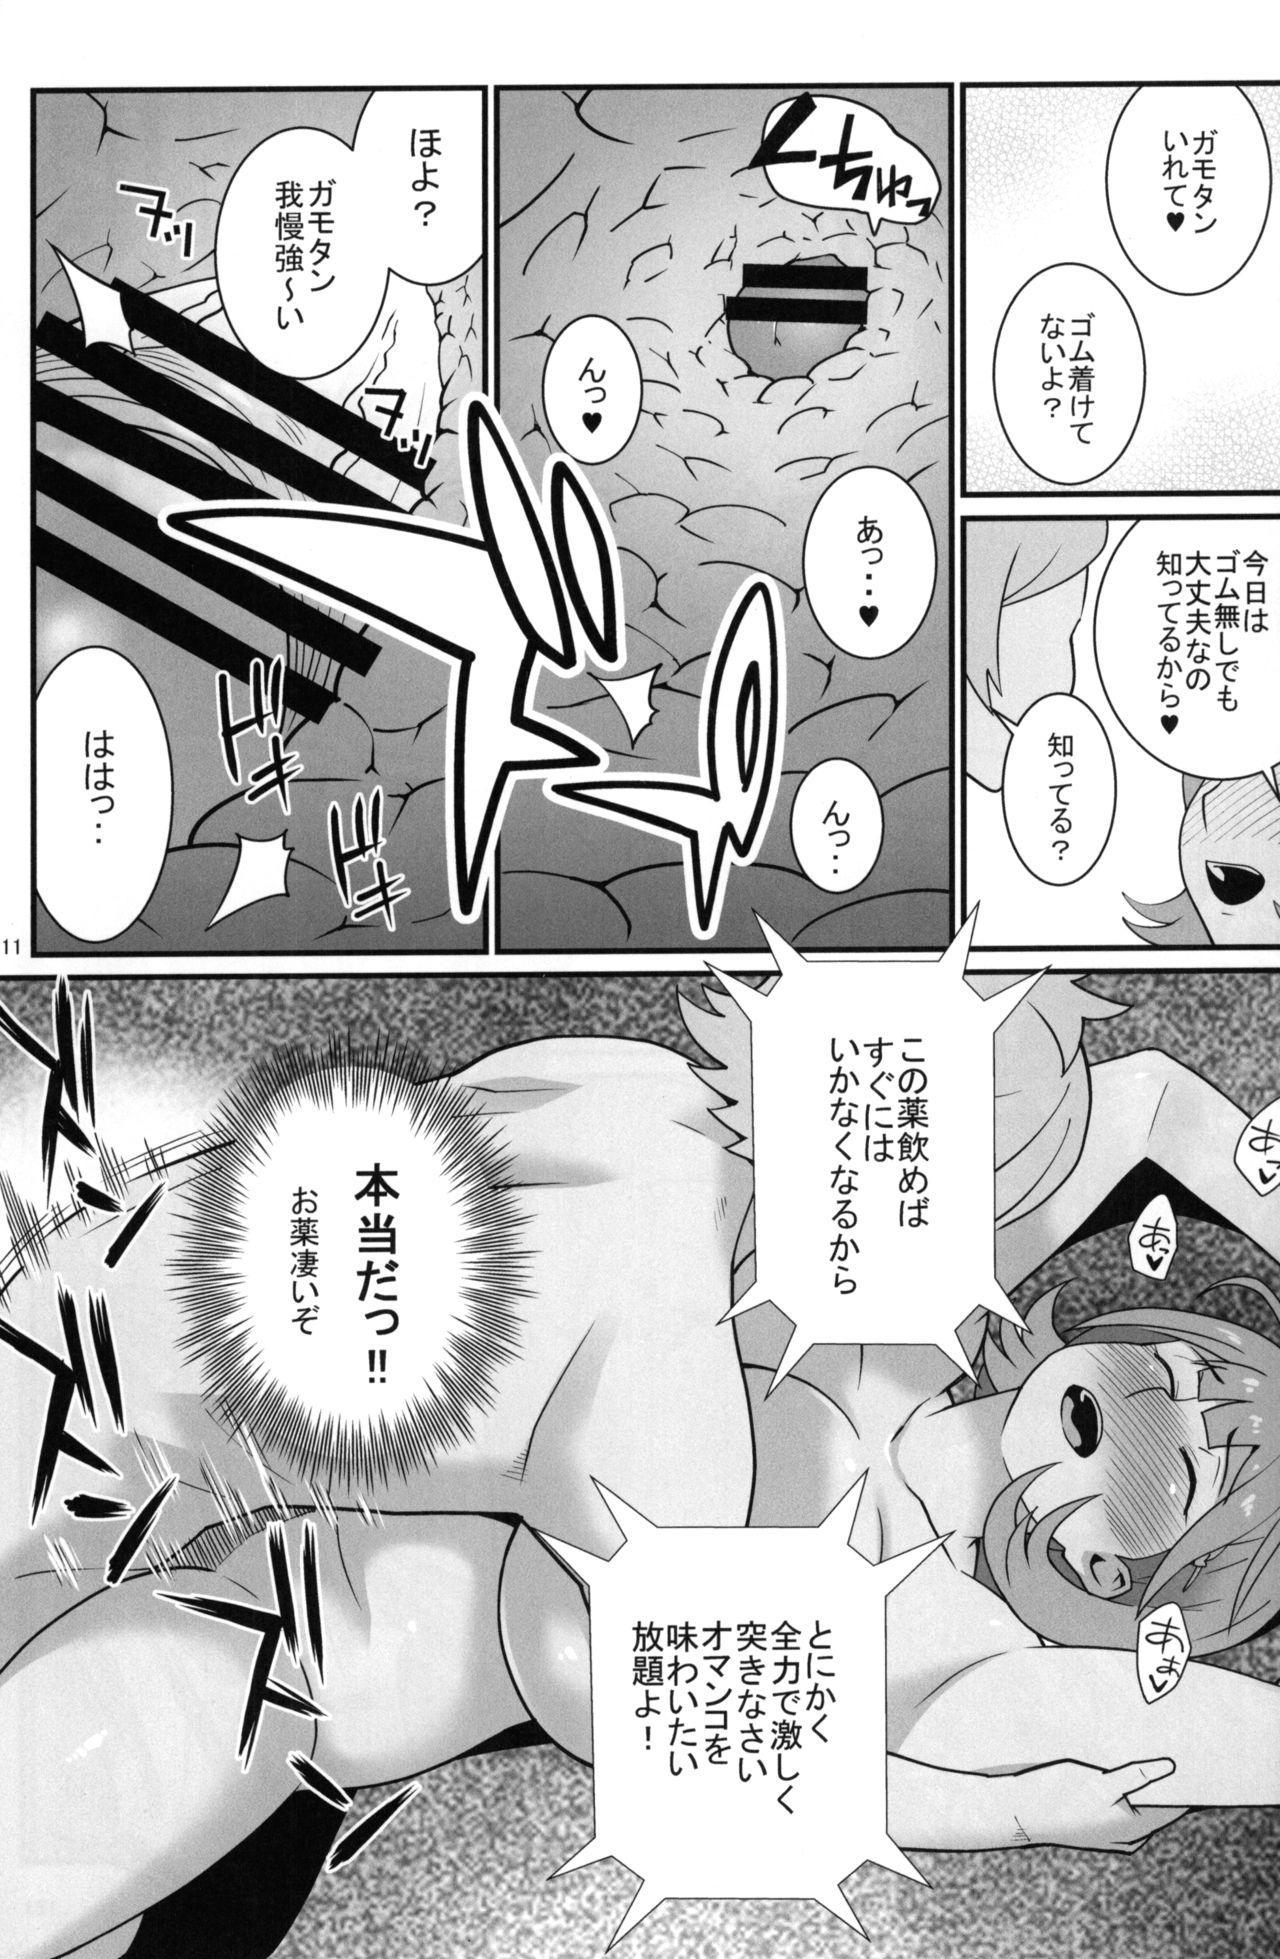 Tonikaku Mune ga Ookina Onnanoko to Tonikaku Shasei ga Hayai Doutei no Toshikoshi SEX Zanmai 9